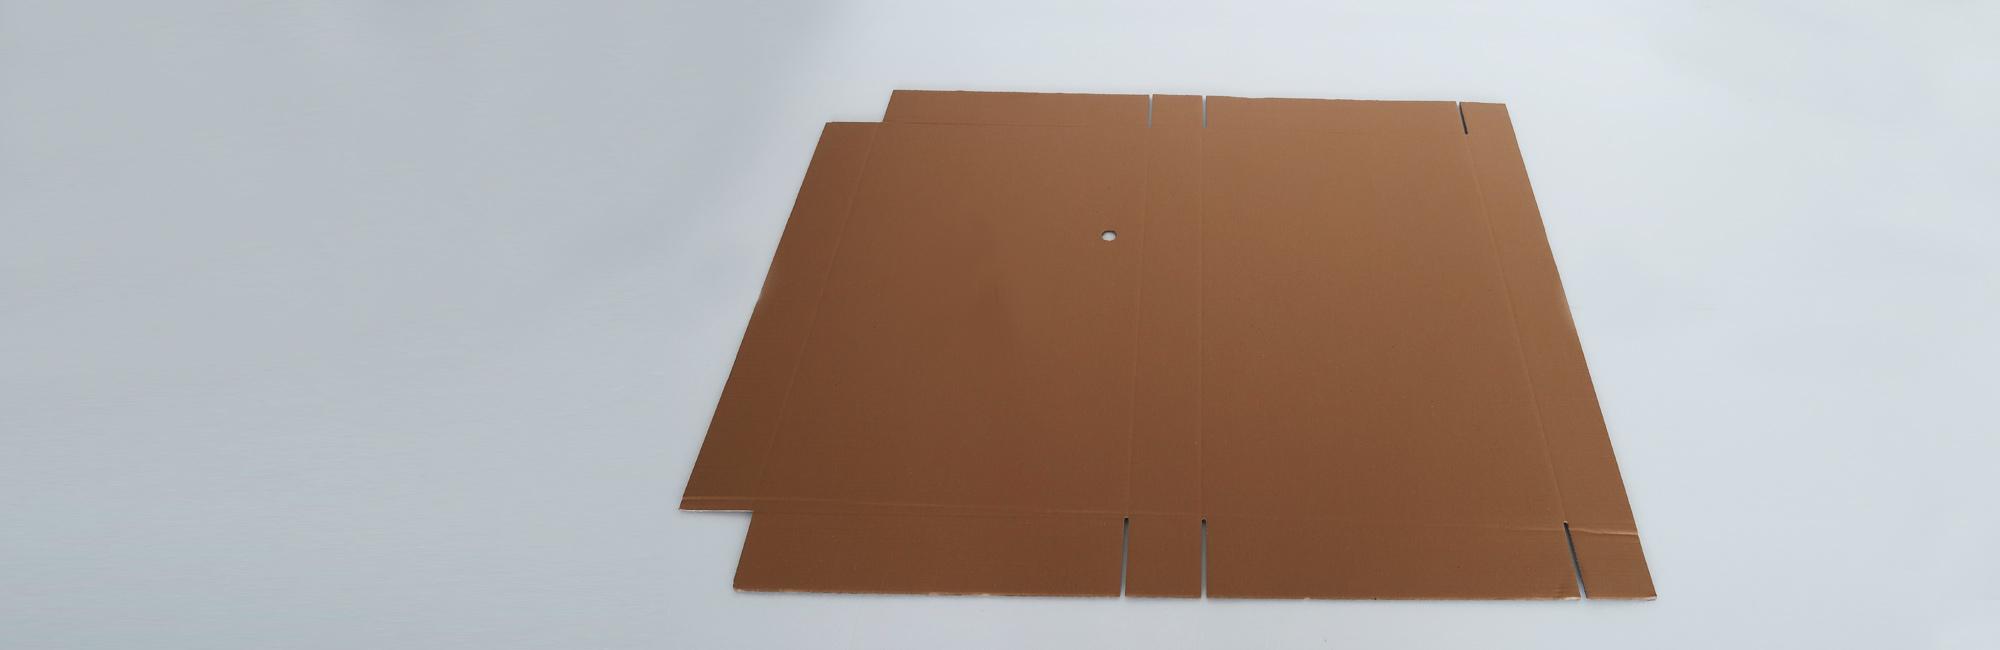 realizzazione scatole macerata